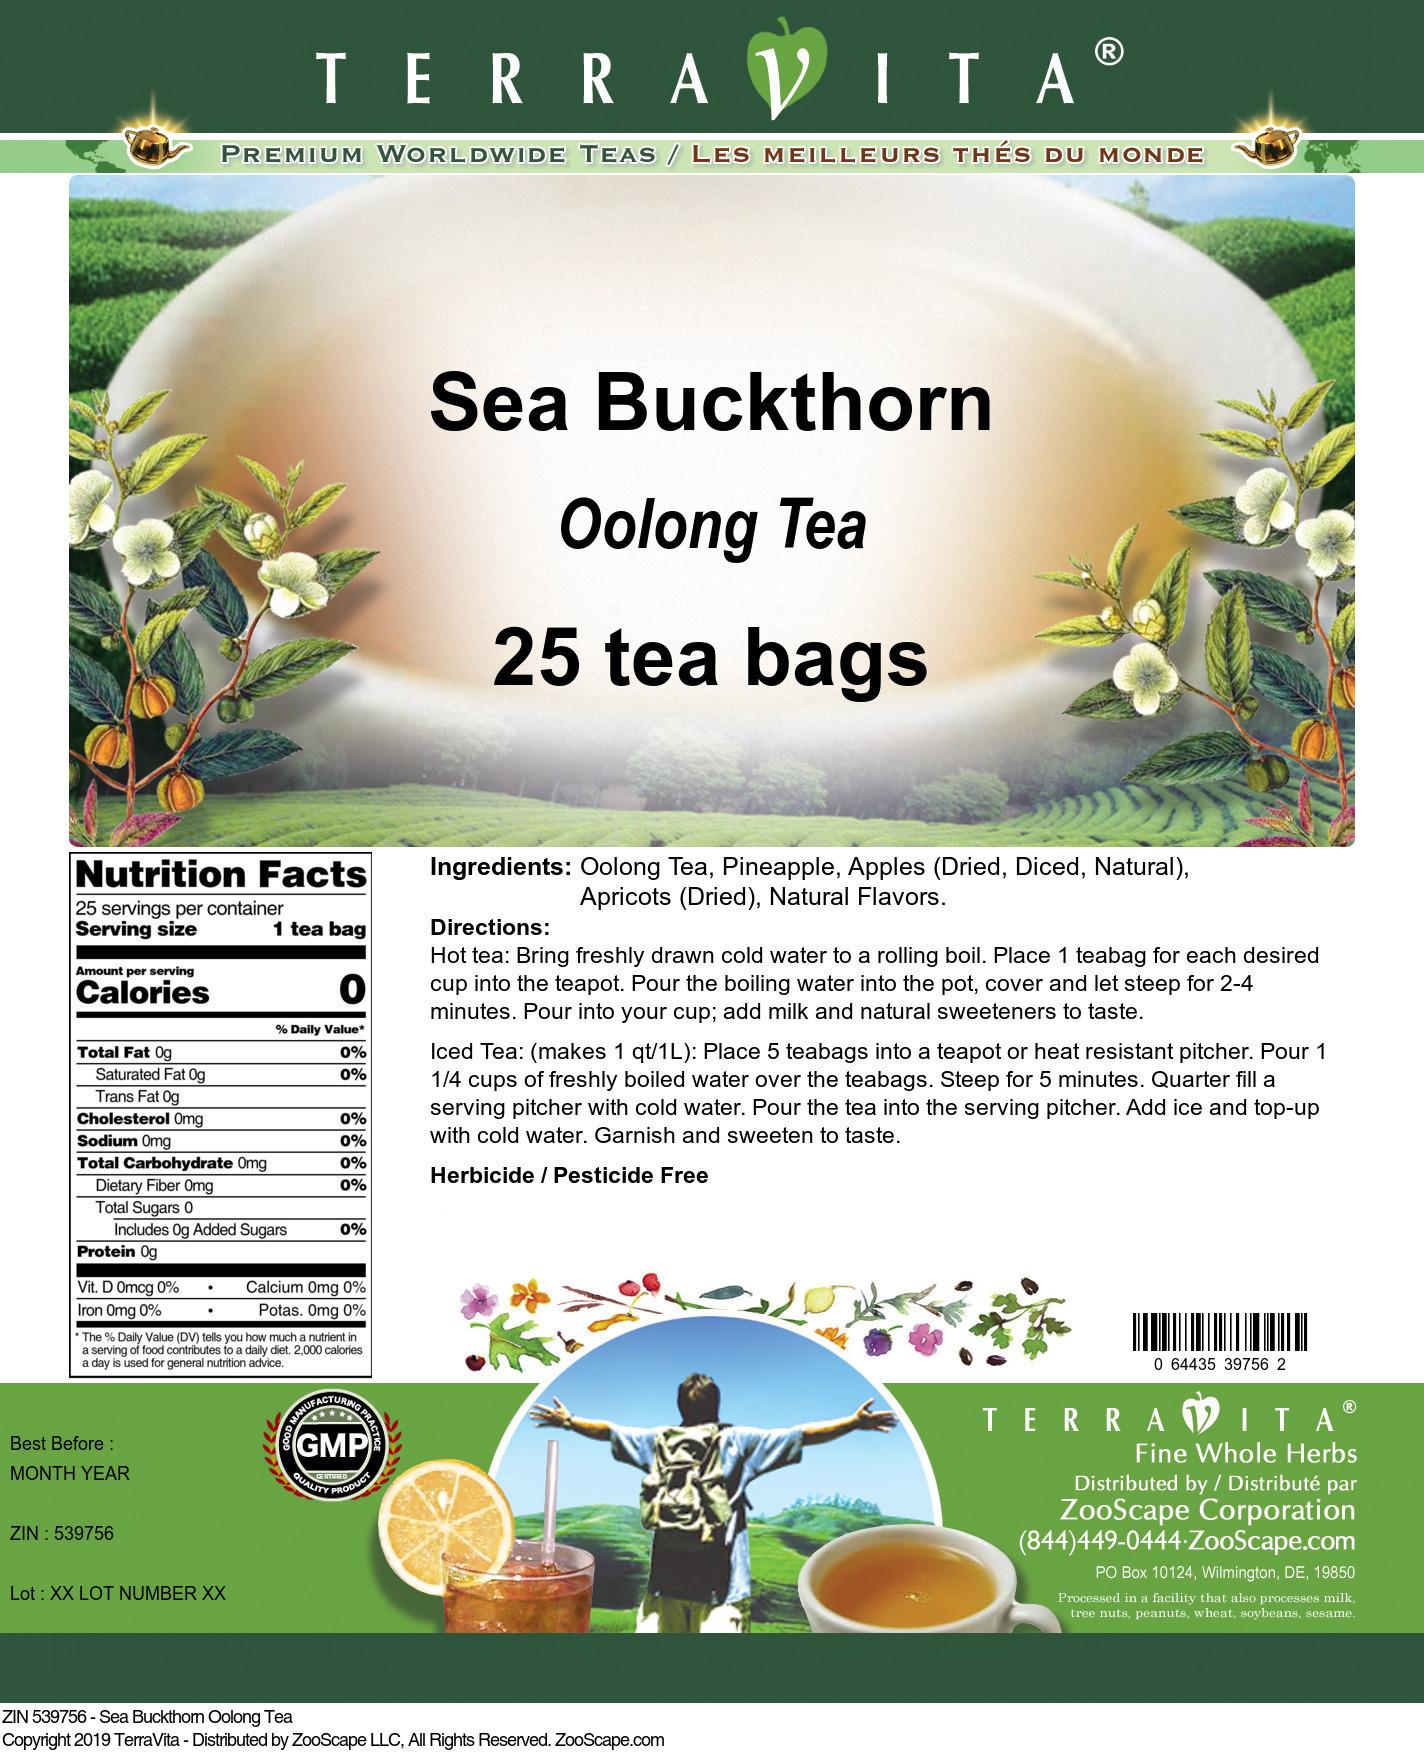 Sea Buckthorn Oolong Tea